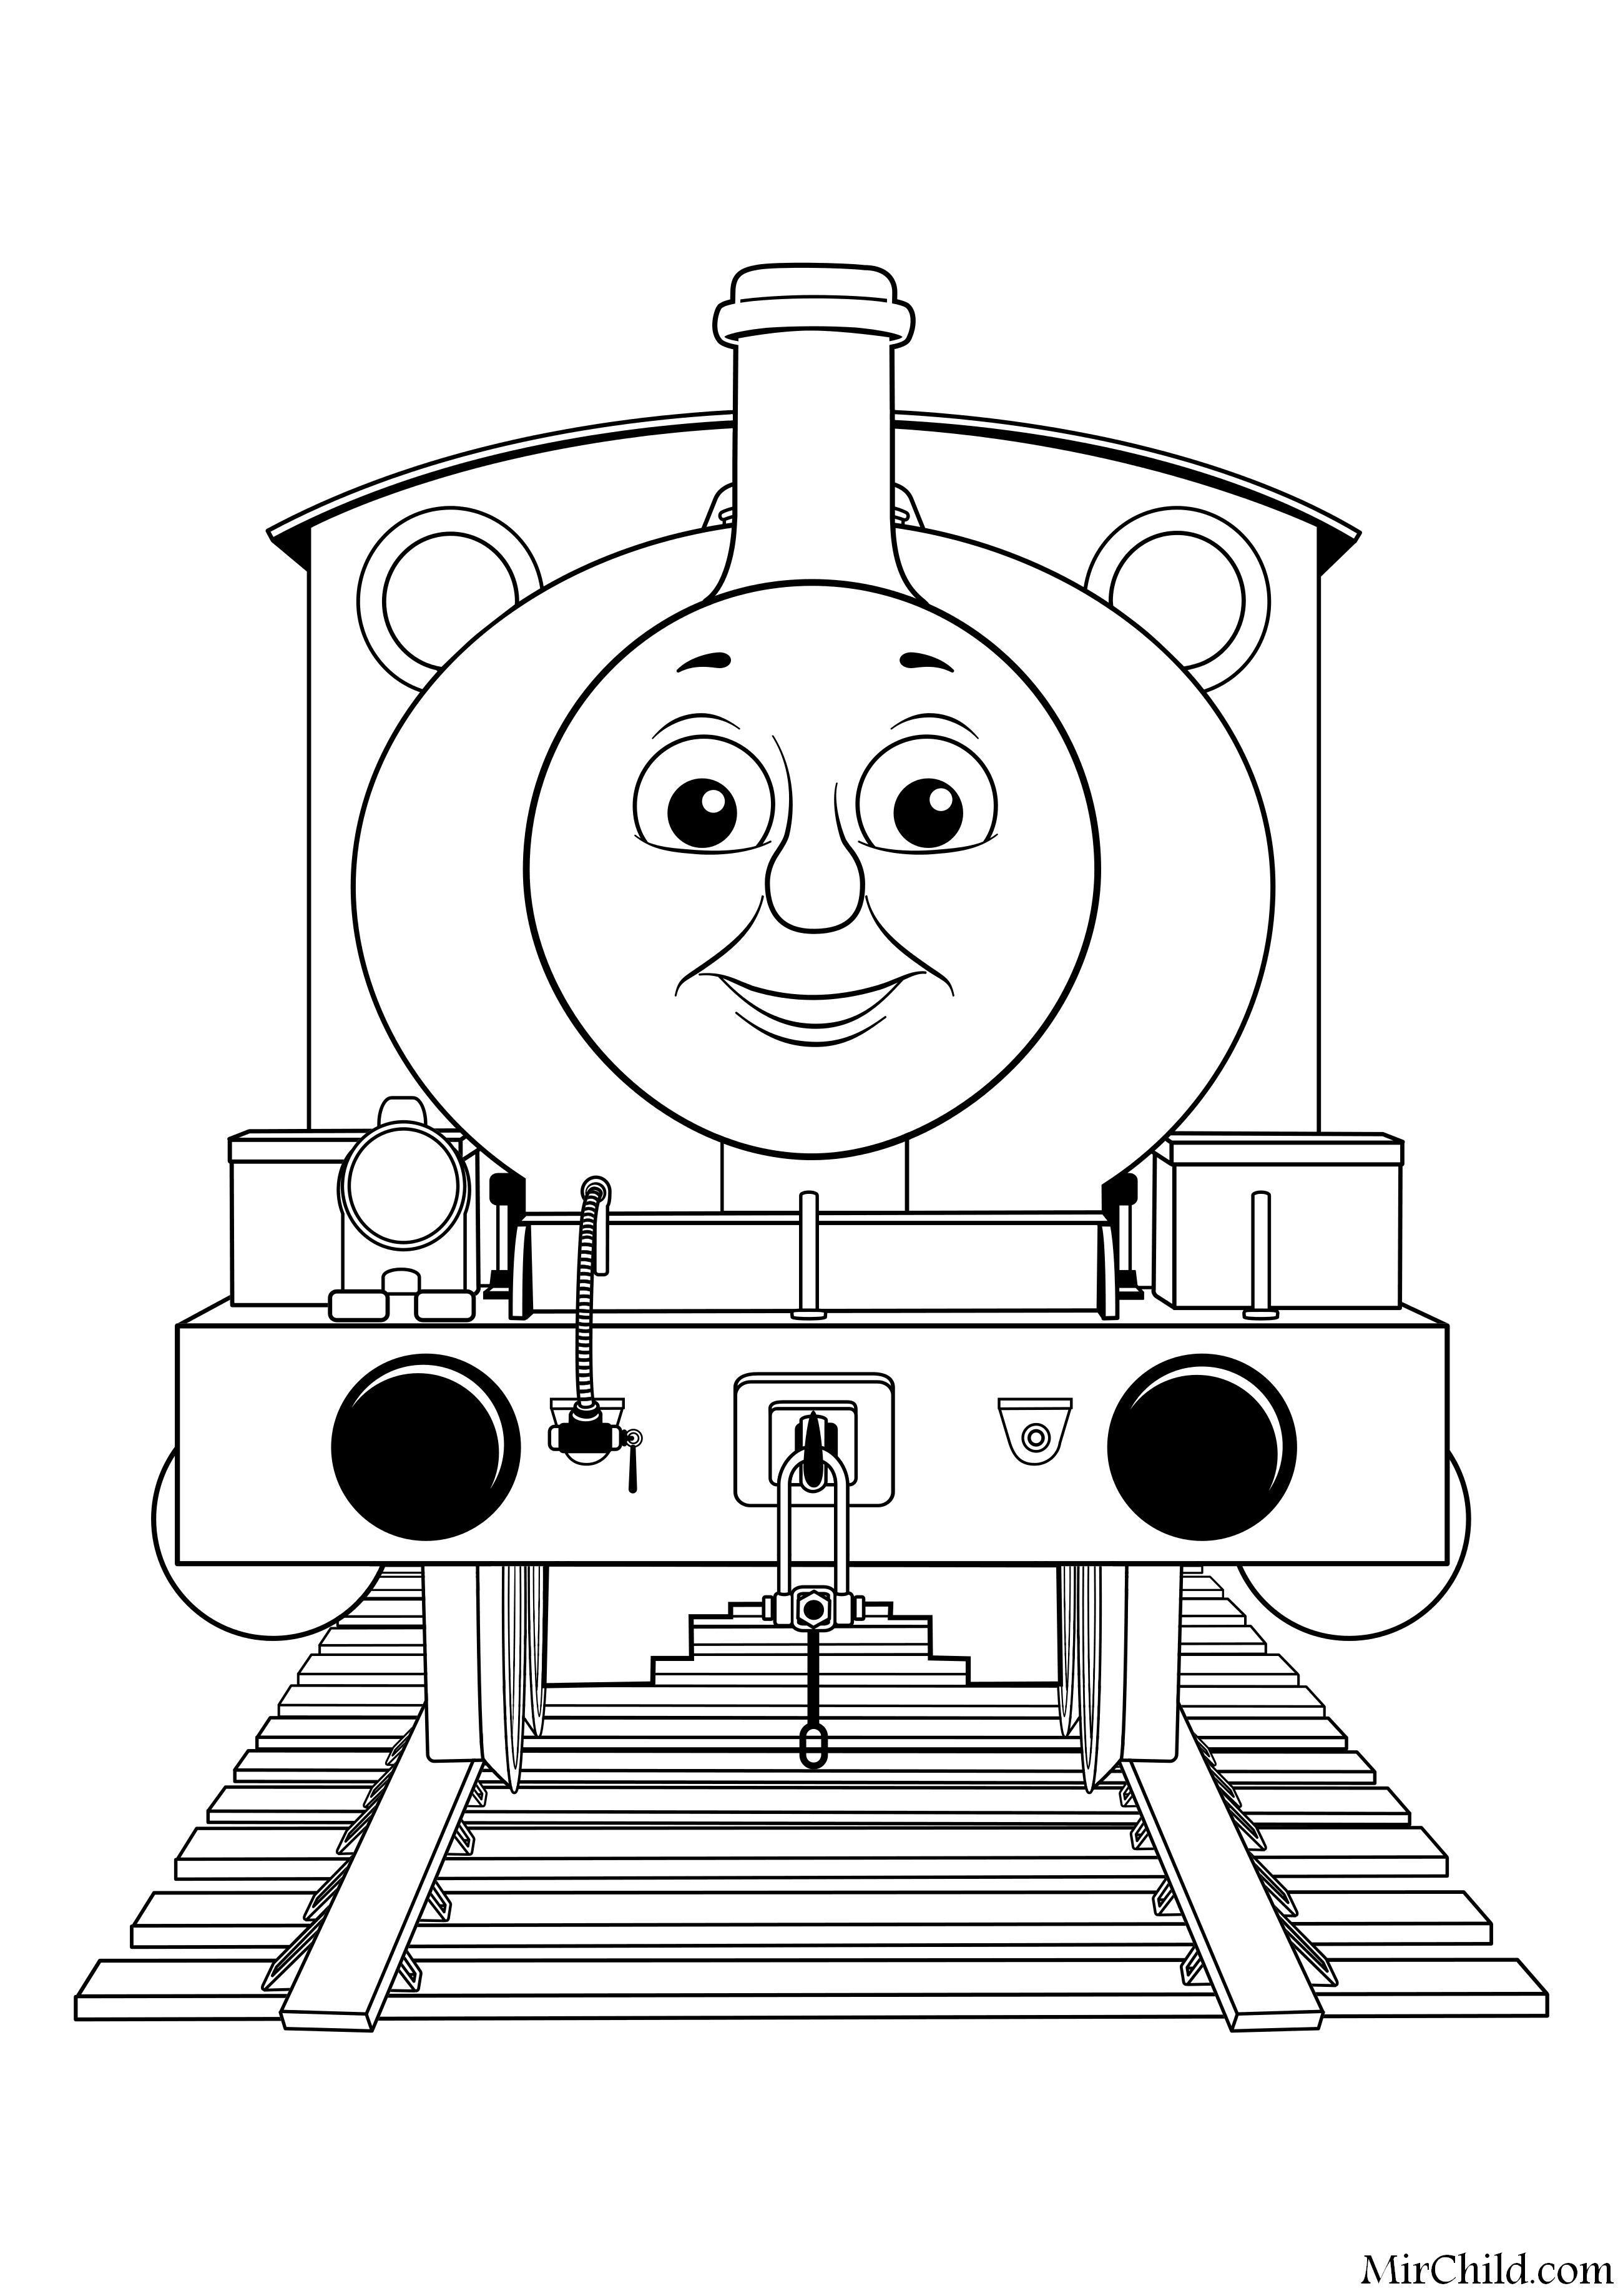 Раскраска - Томас и его друзья - Перси | MirChild